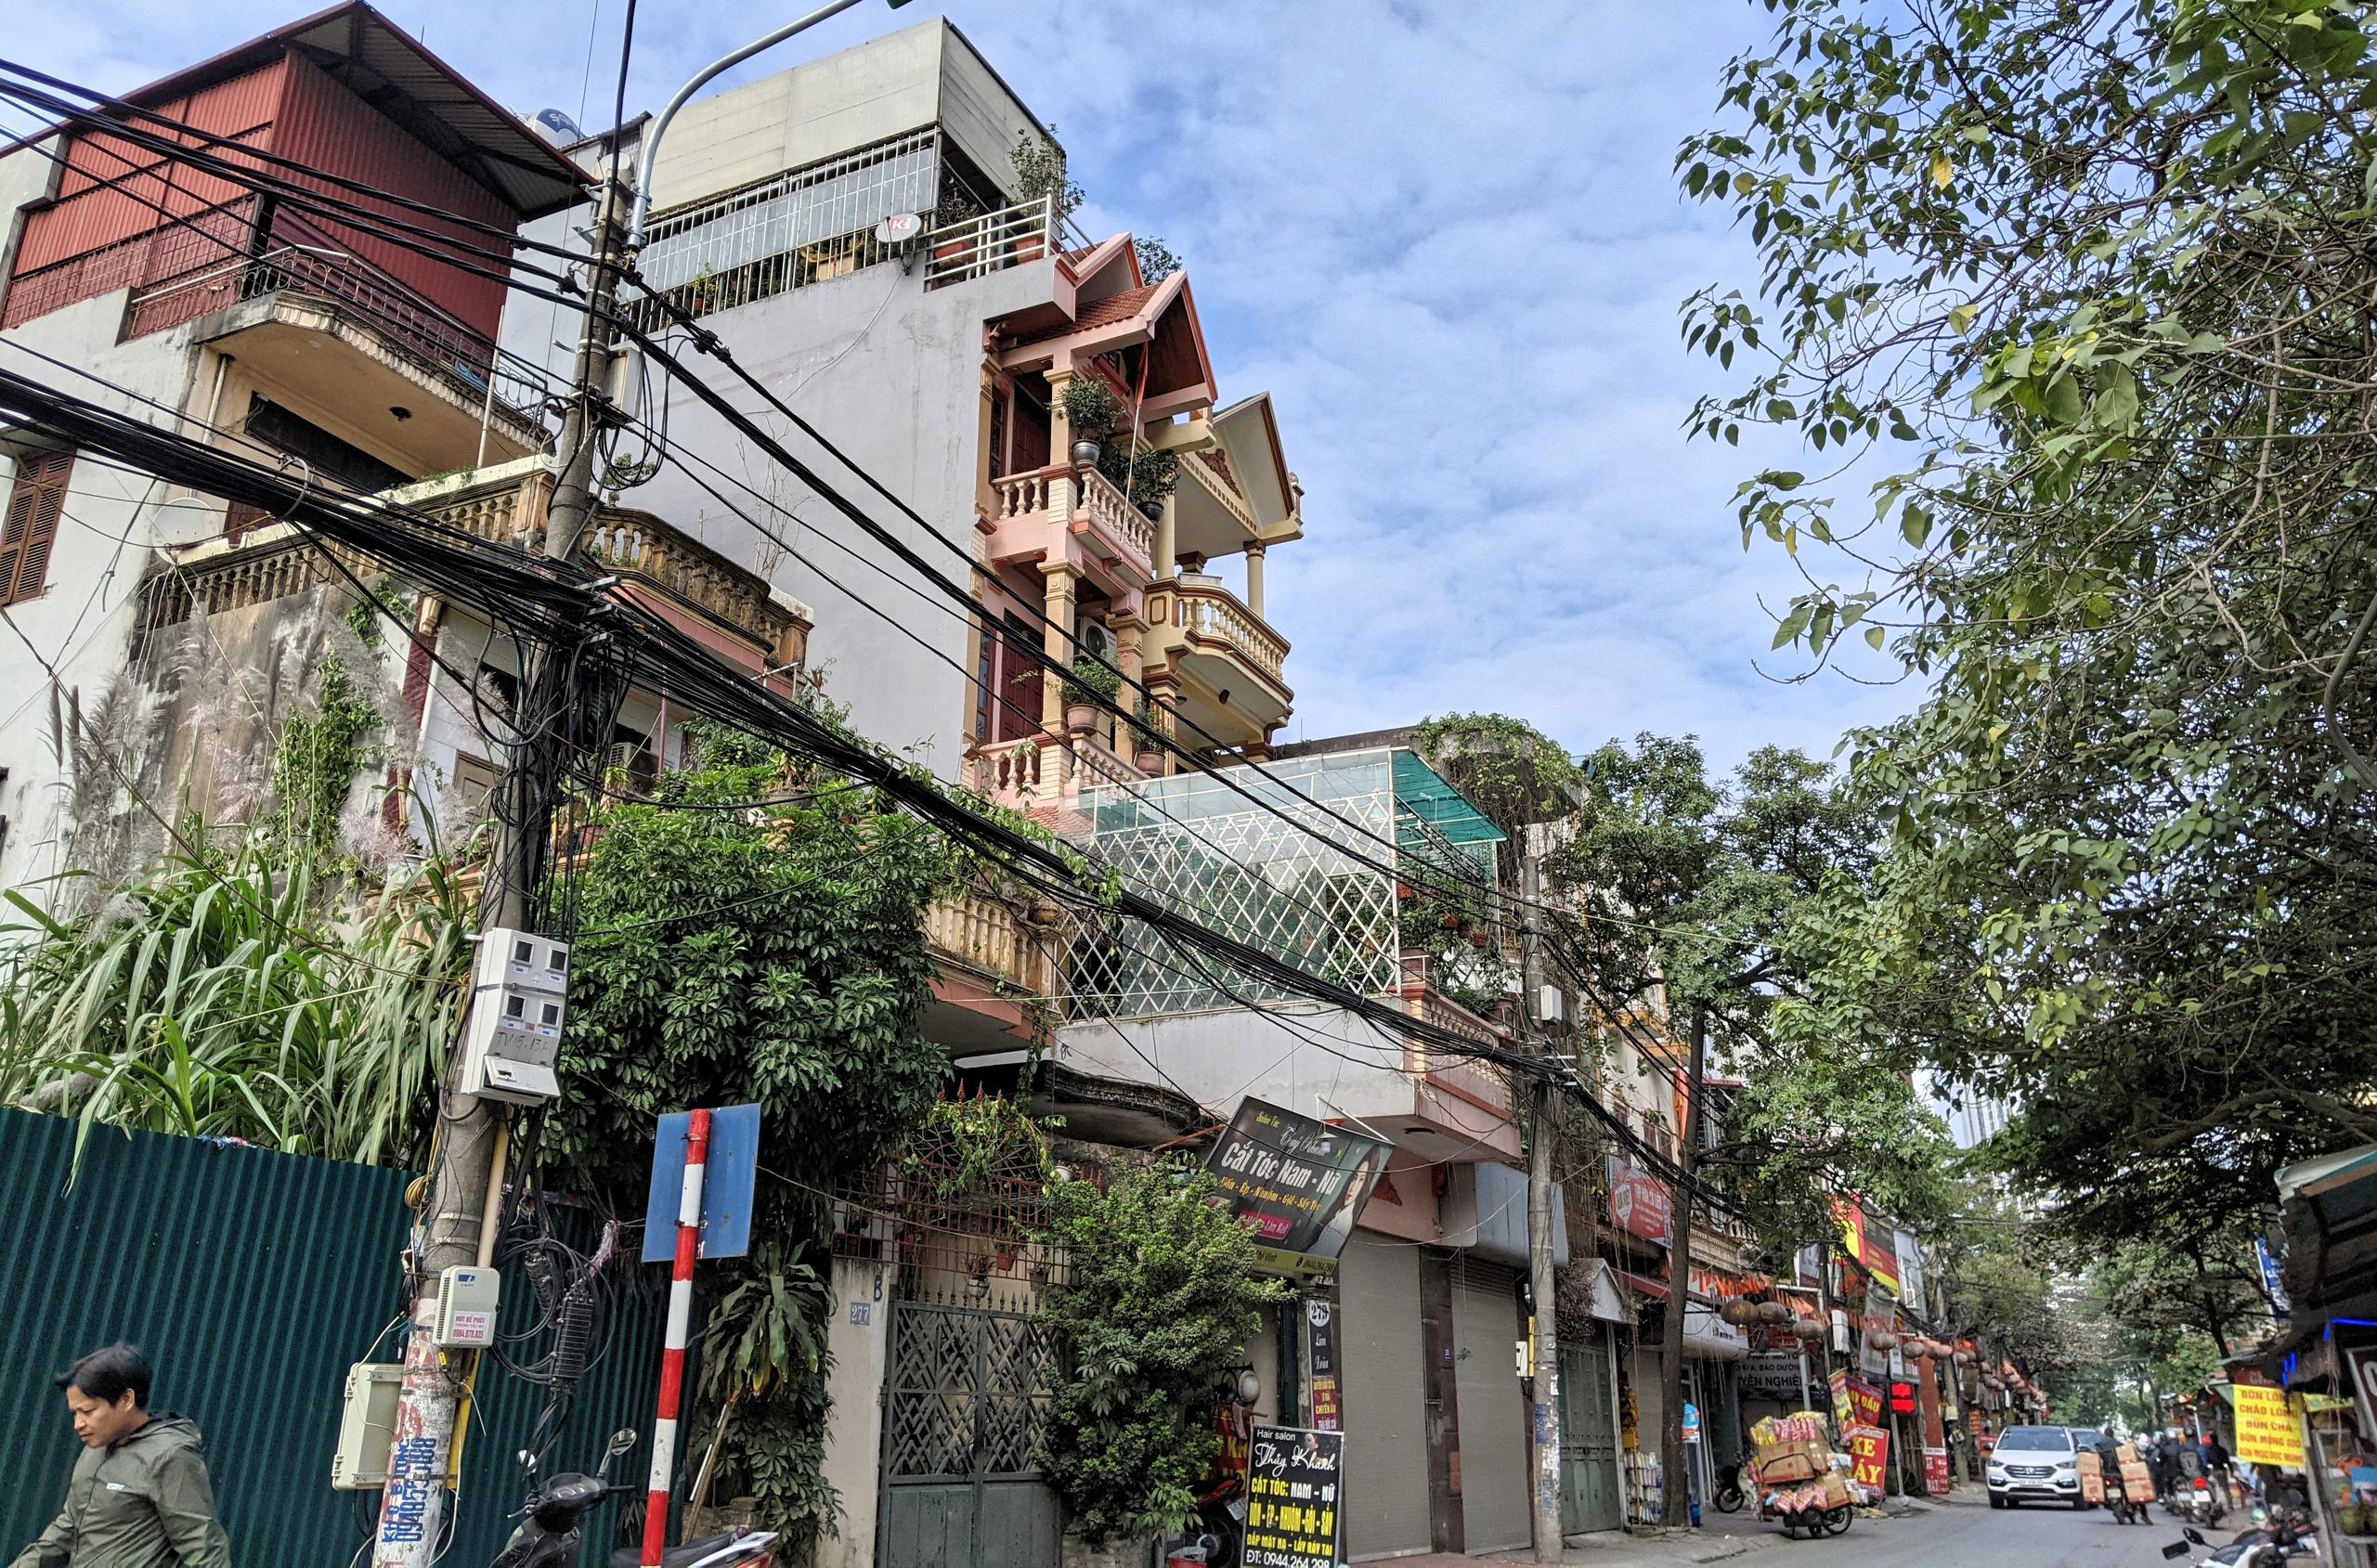 Đất dính quy hoạch phường Mễ Trì, Nam Từ Liêm, Hà Nội - Ảnh 4.